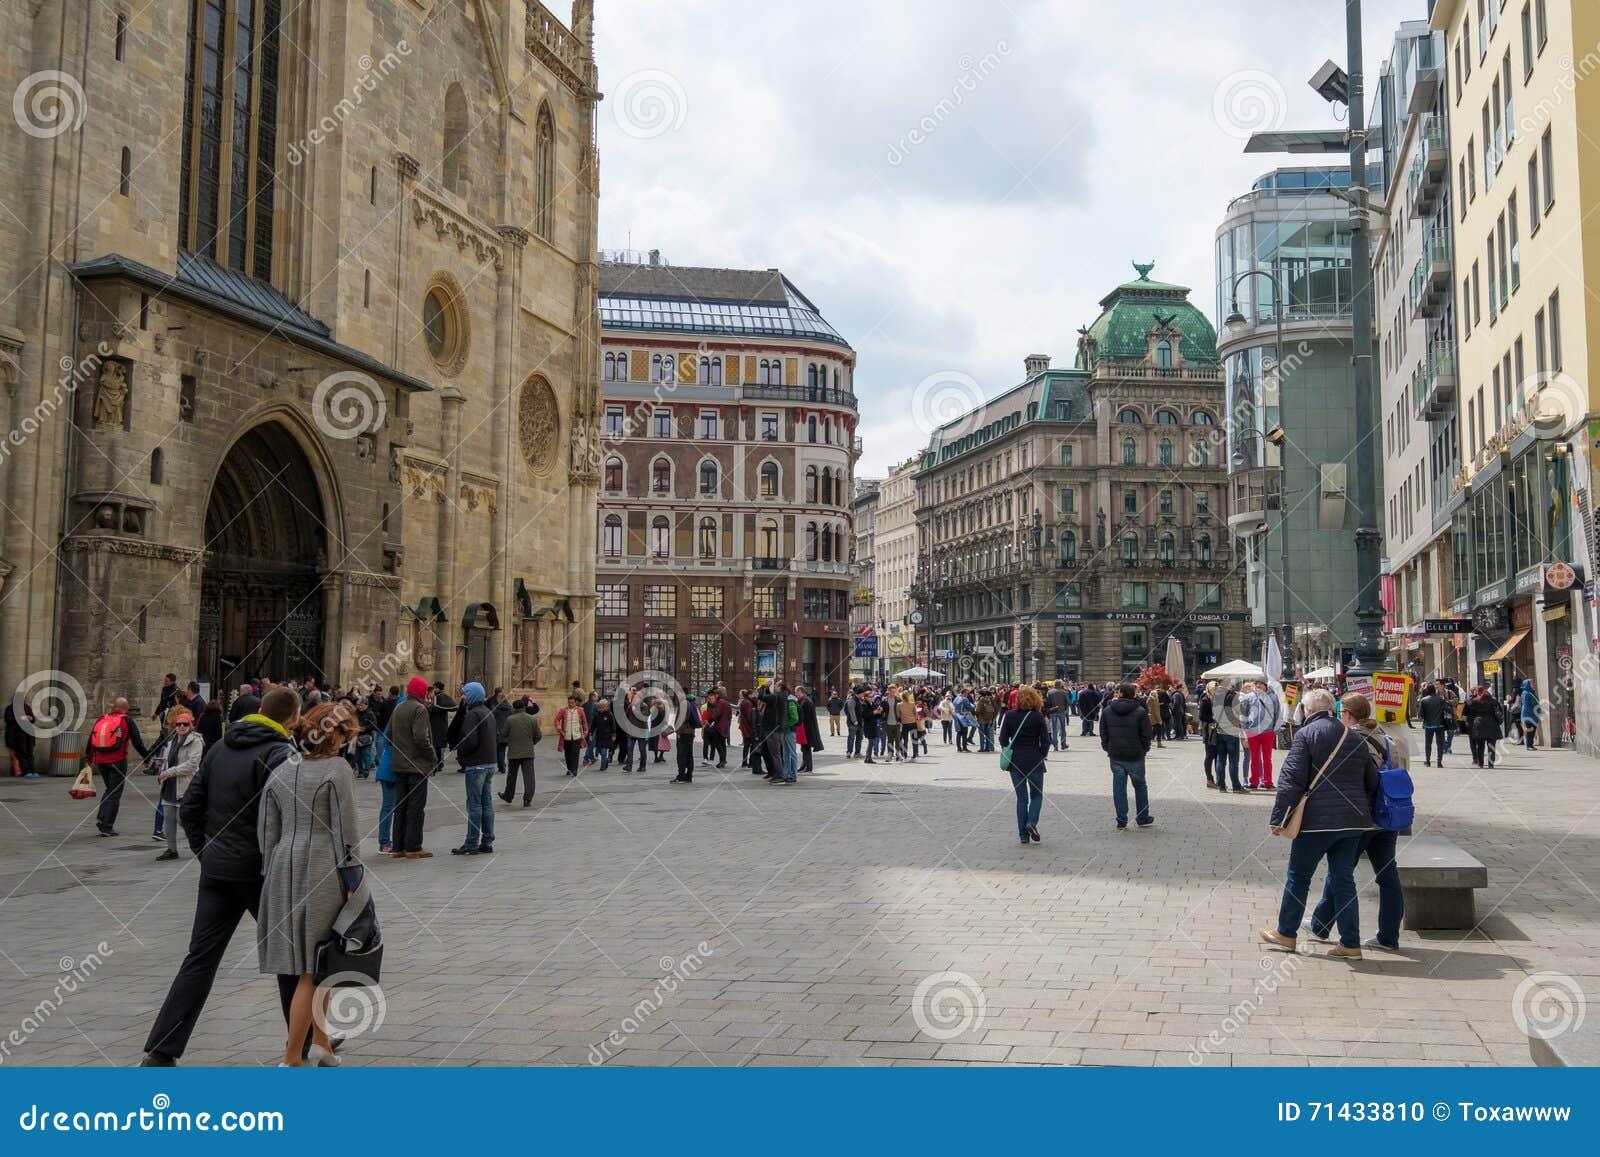 Facendo un giro turistico a Vienna